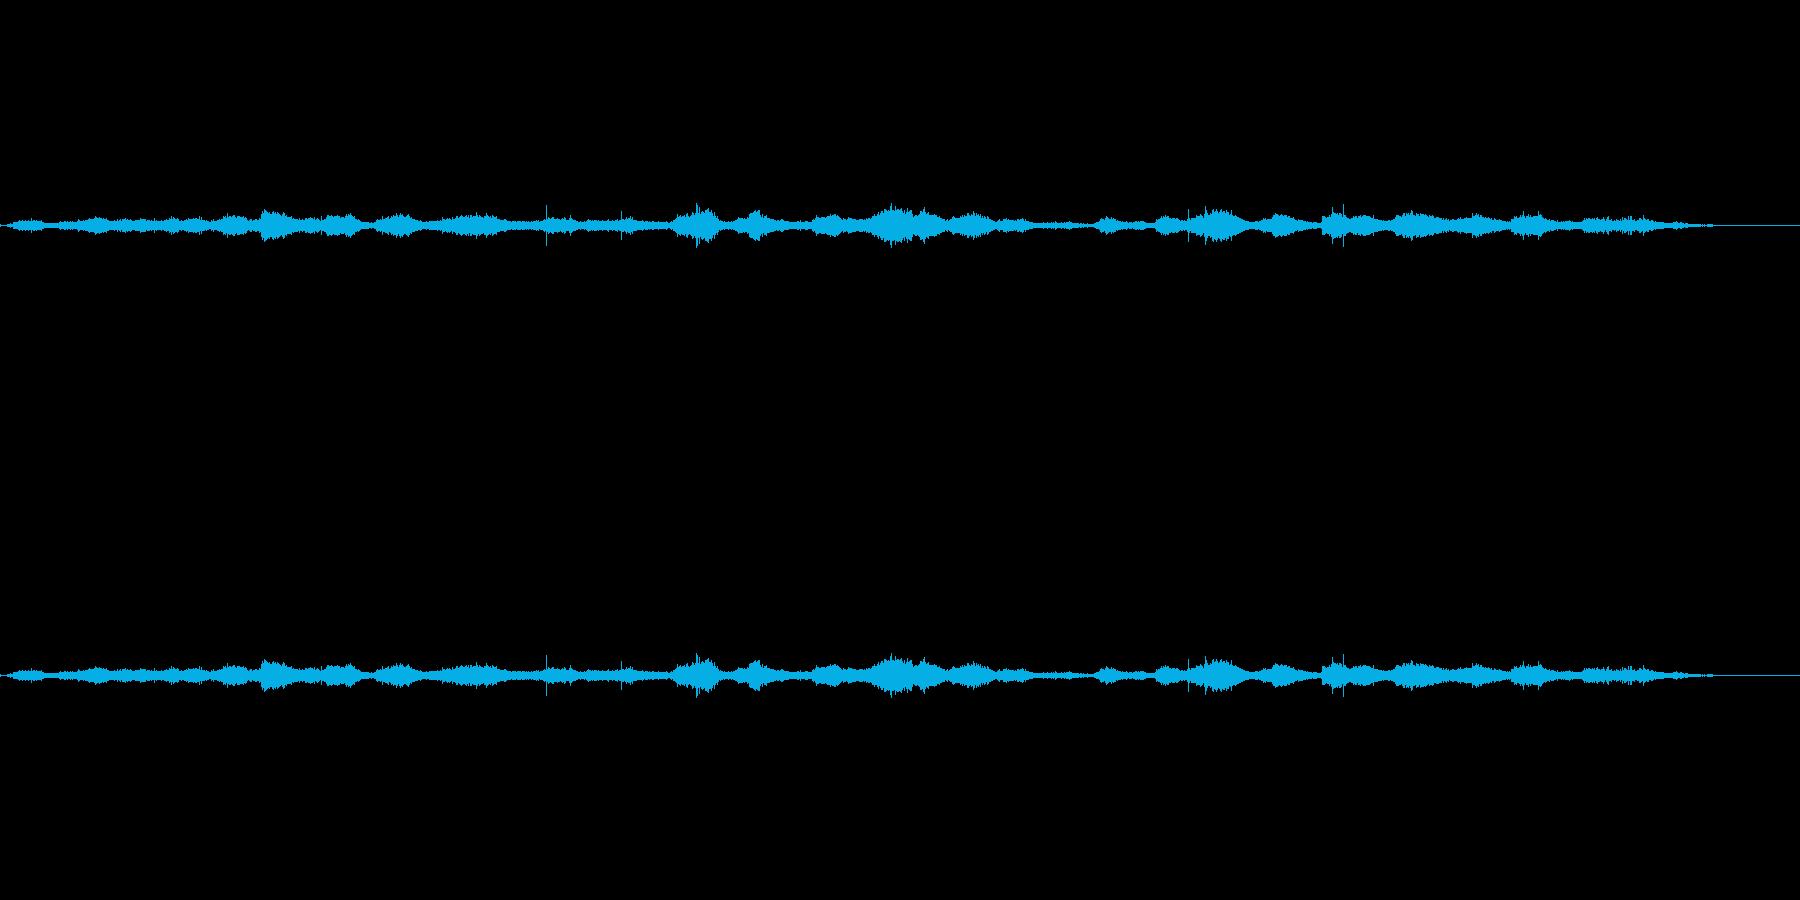 ペブルビーチの波、ローリングの再生済みの波形